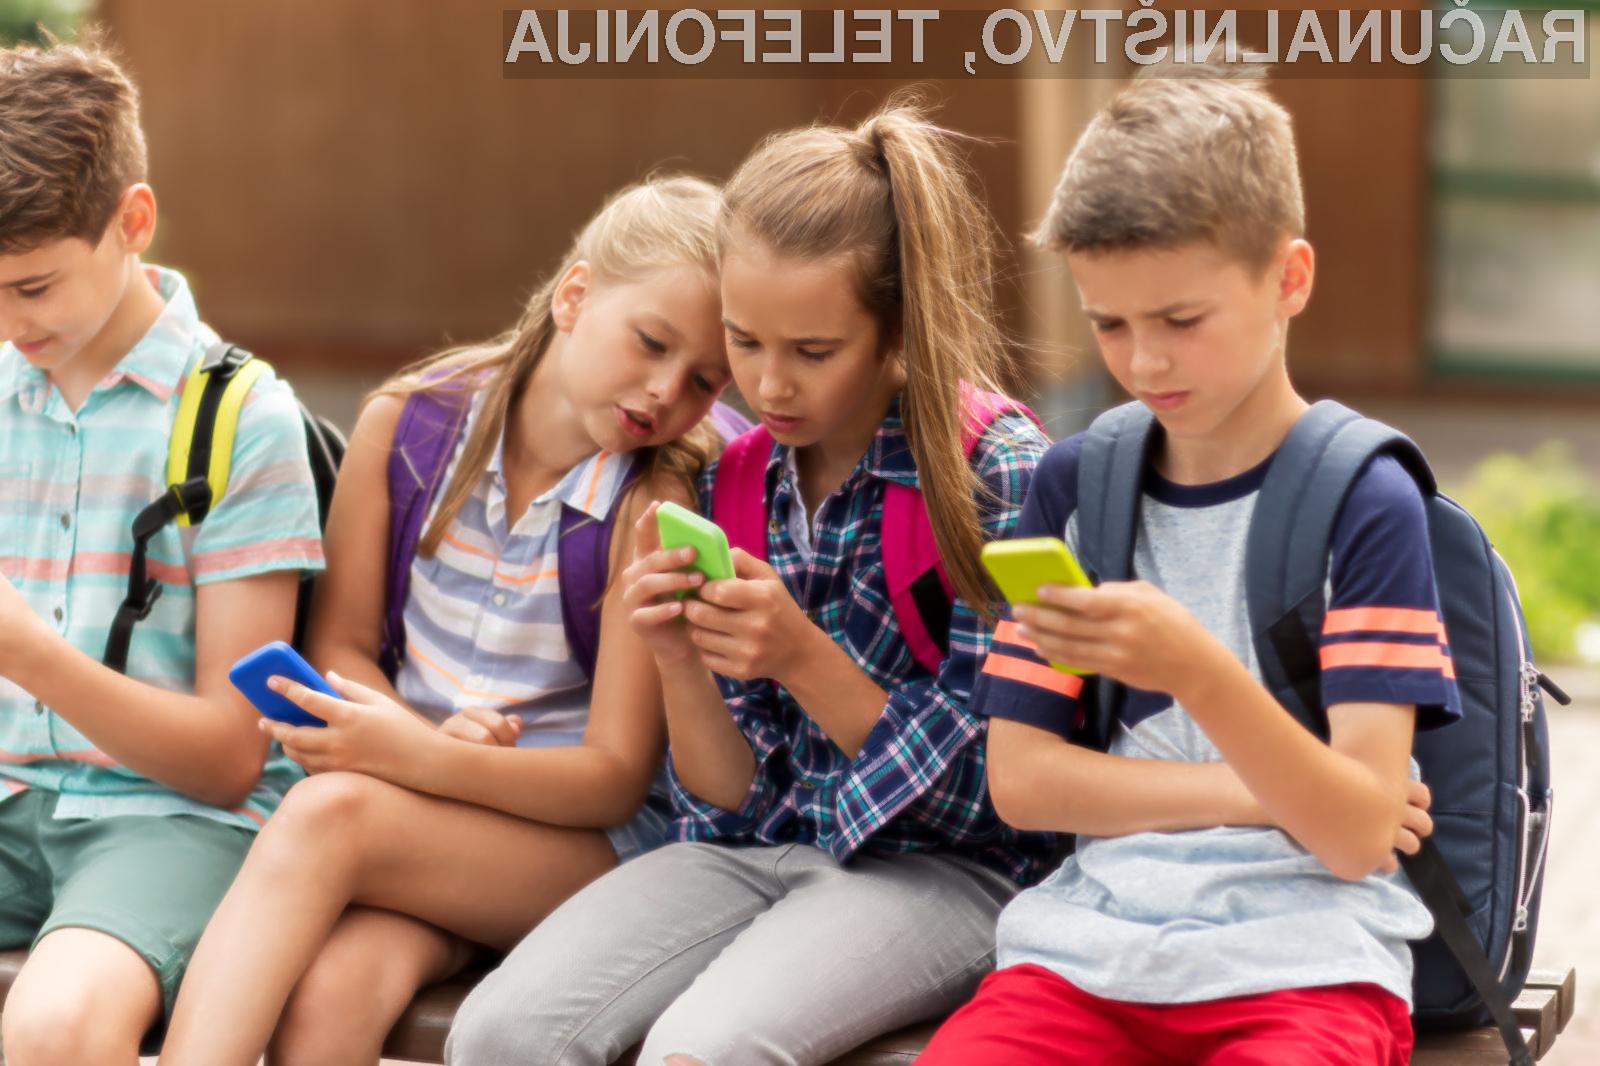 Mlajši od 13 let ne smejo uporabljati Facebooka ali Instagrama.